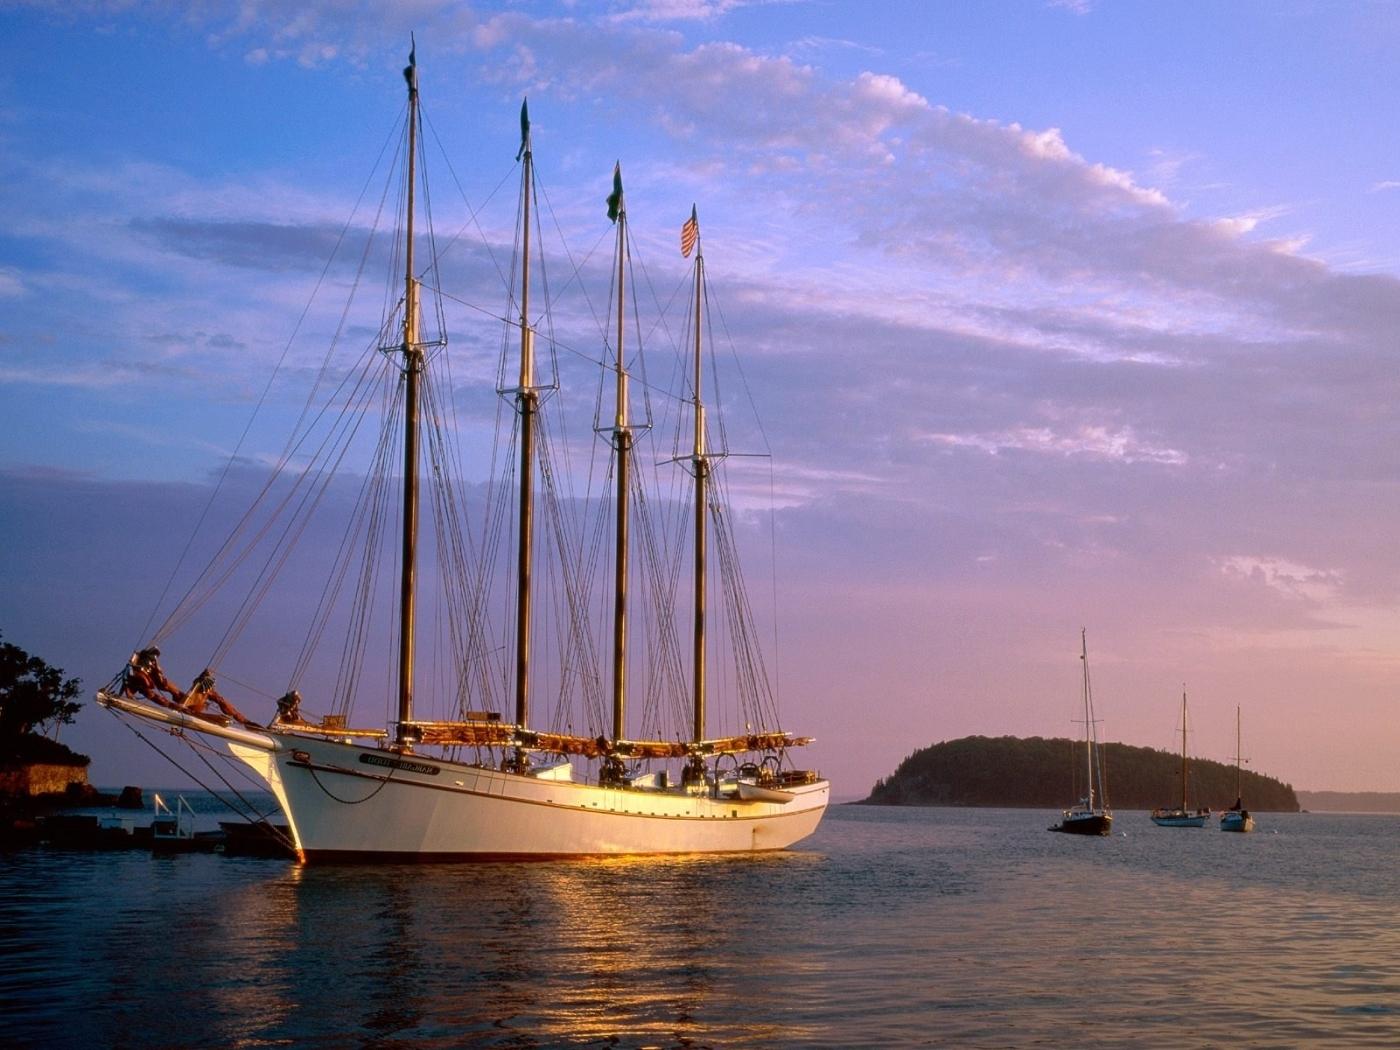 48208 скачать обои Транспорт, Пейзаж, Корабли, Море - заставки и картинки бесплатно